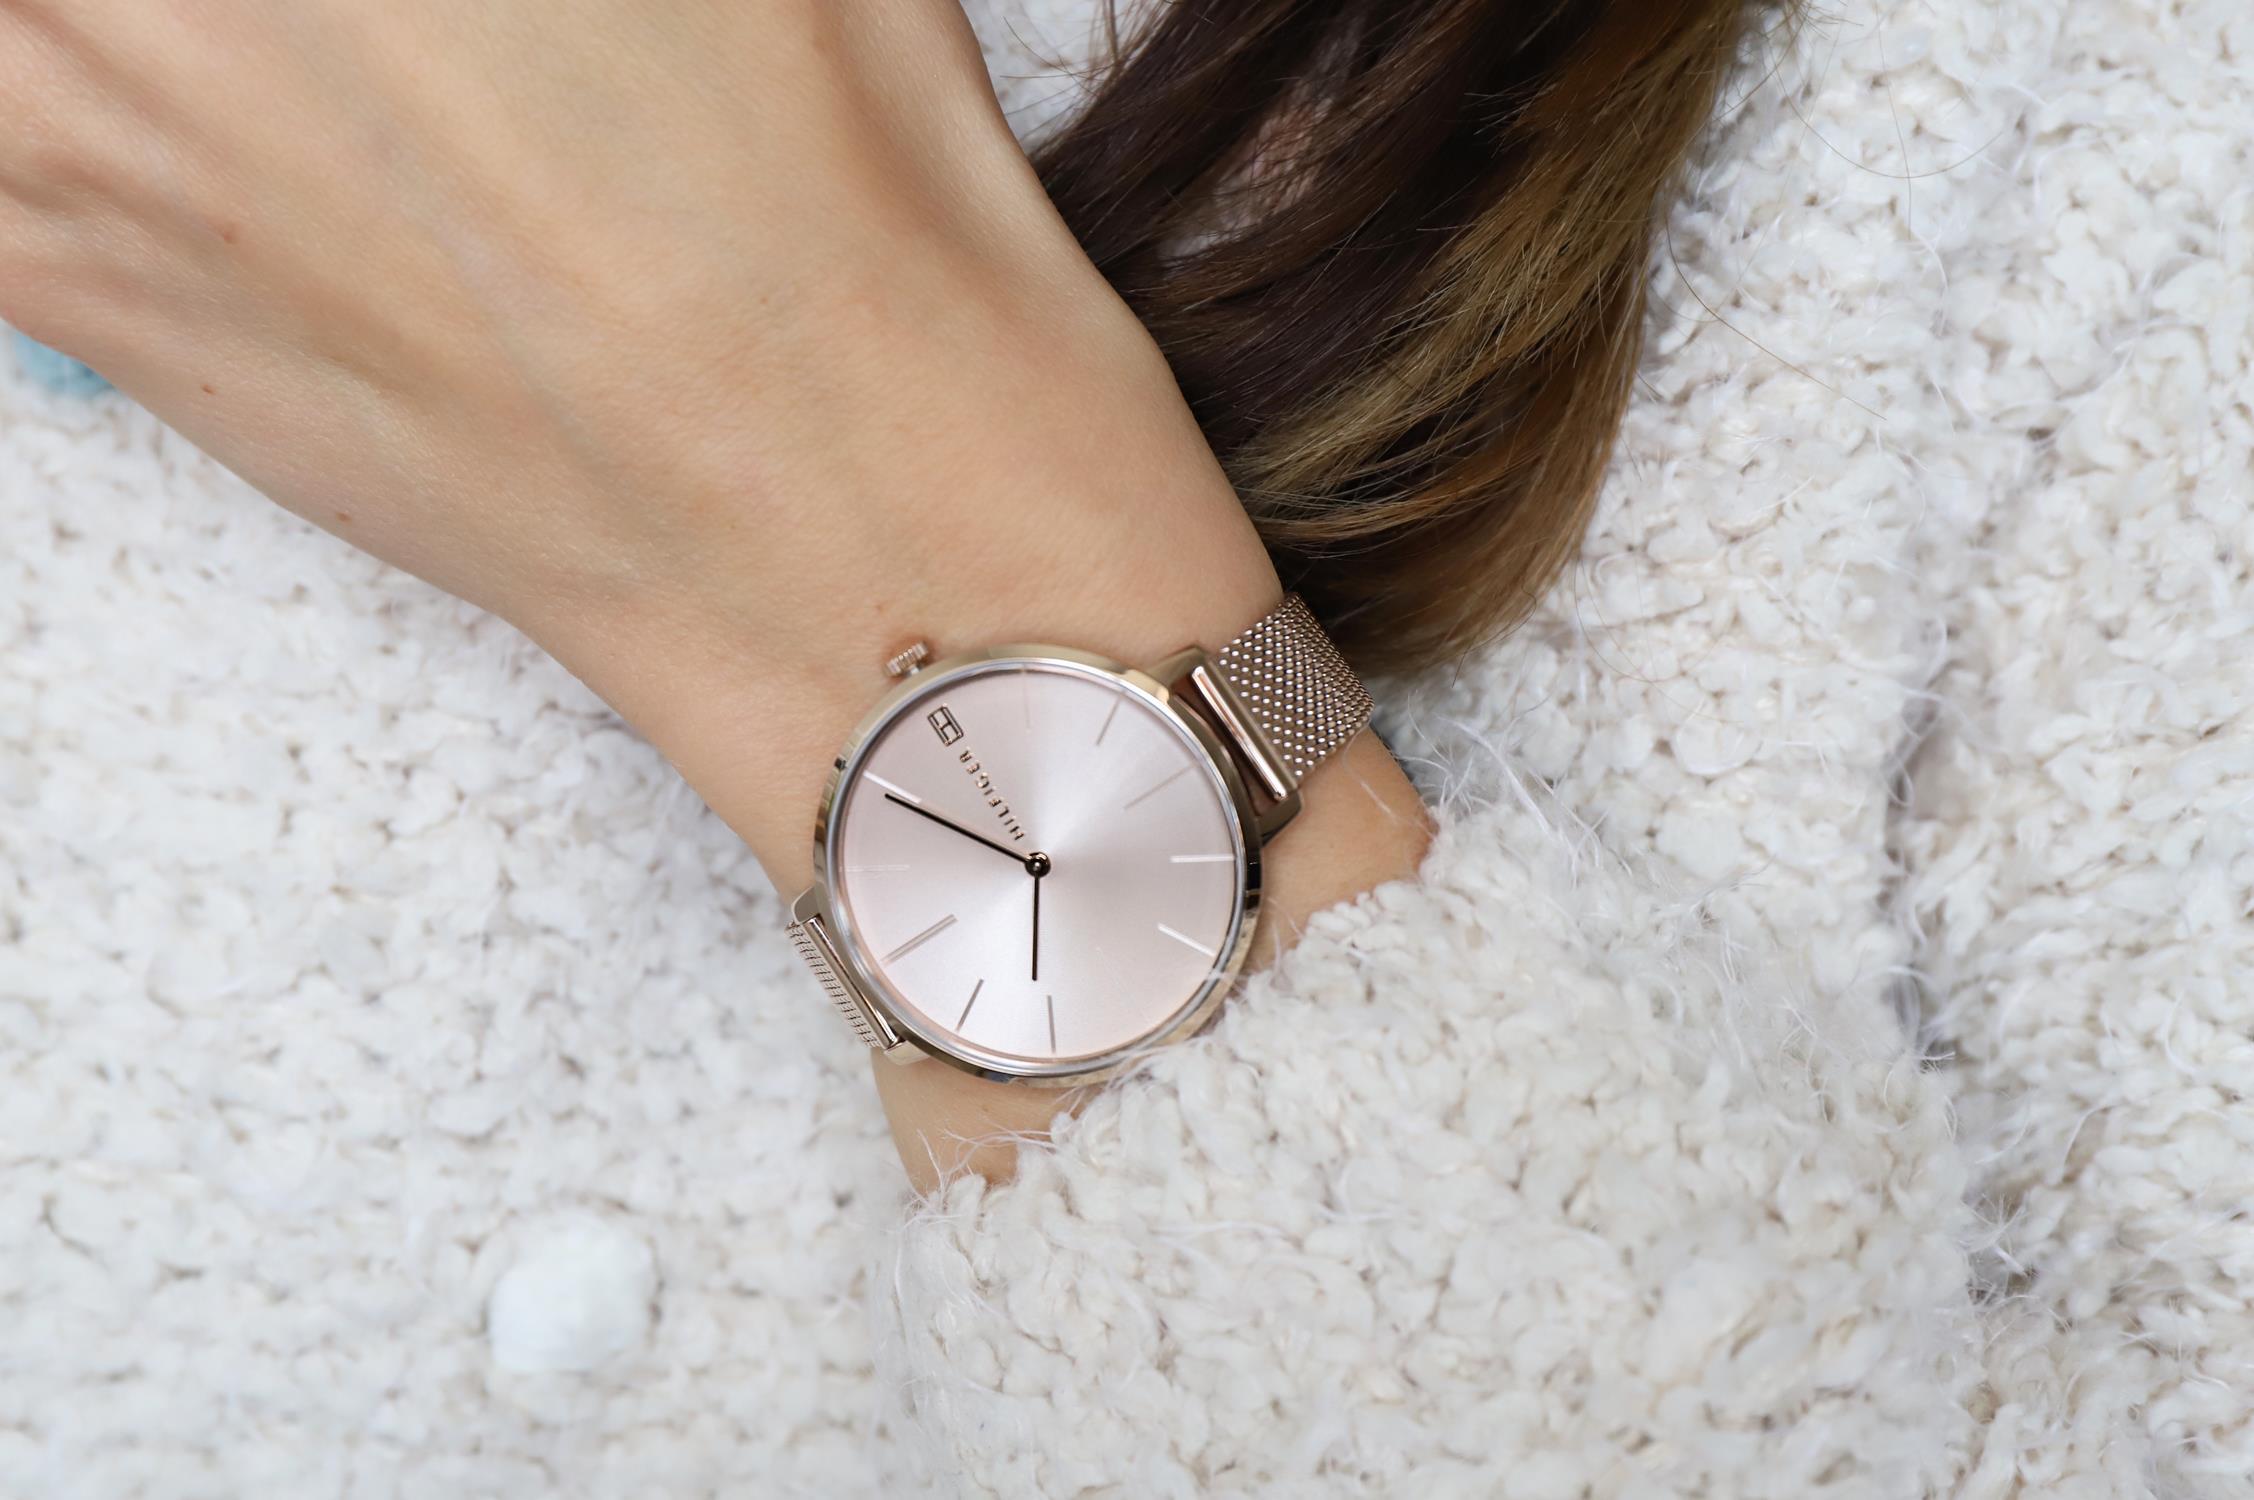 Zegarek damski Tommy Hilfiger damskie 1782165 - duże 4